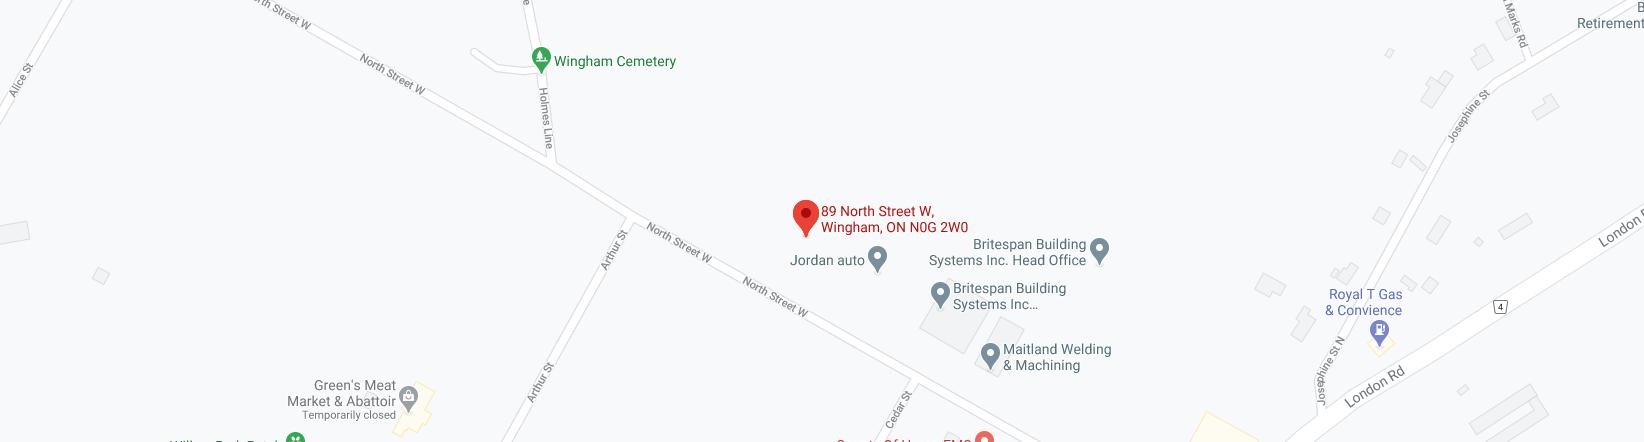 Wingham Memorial Map